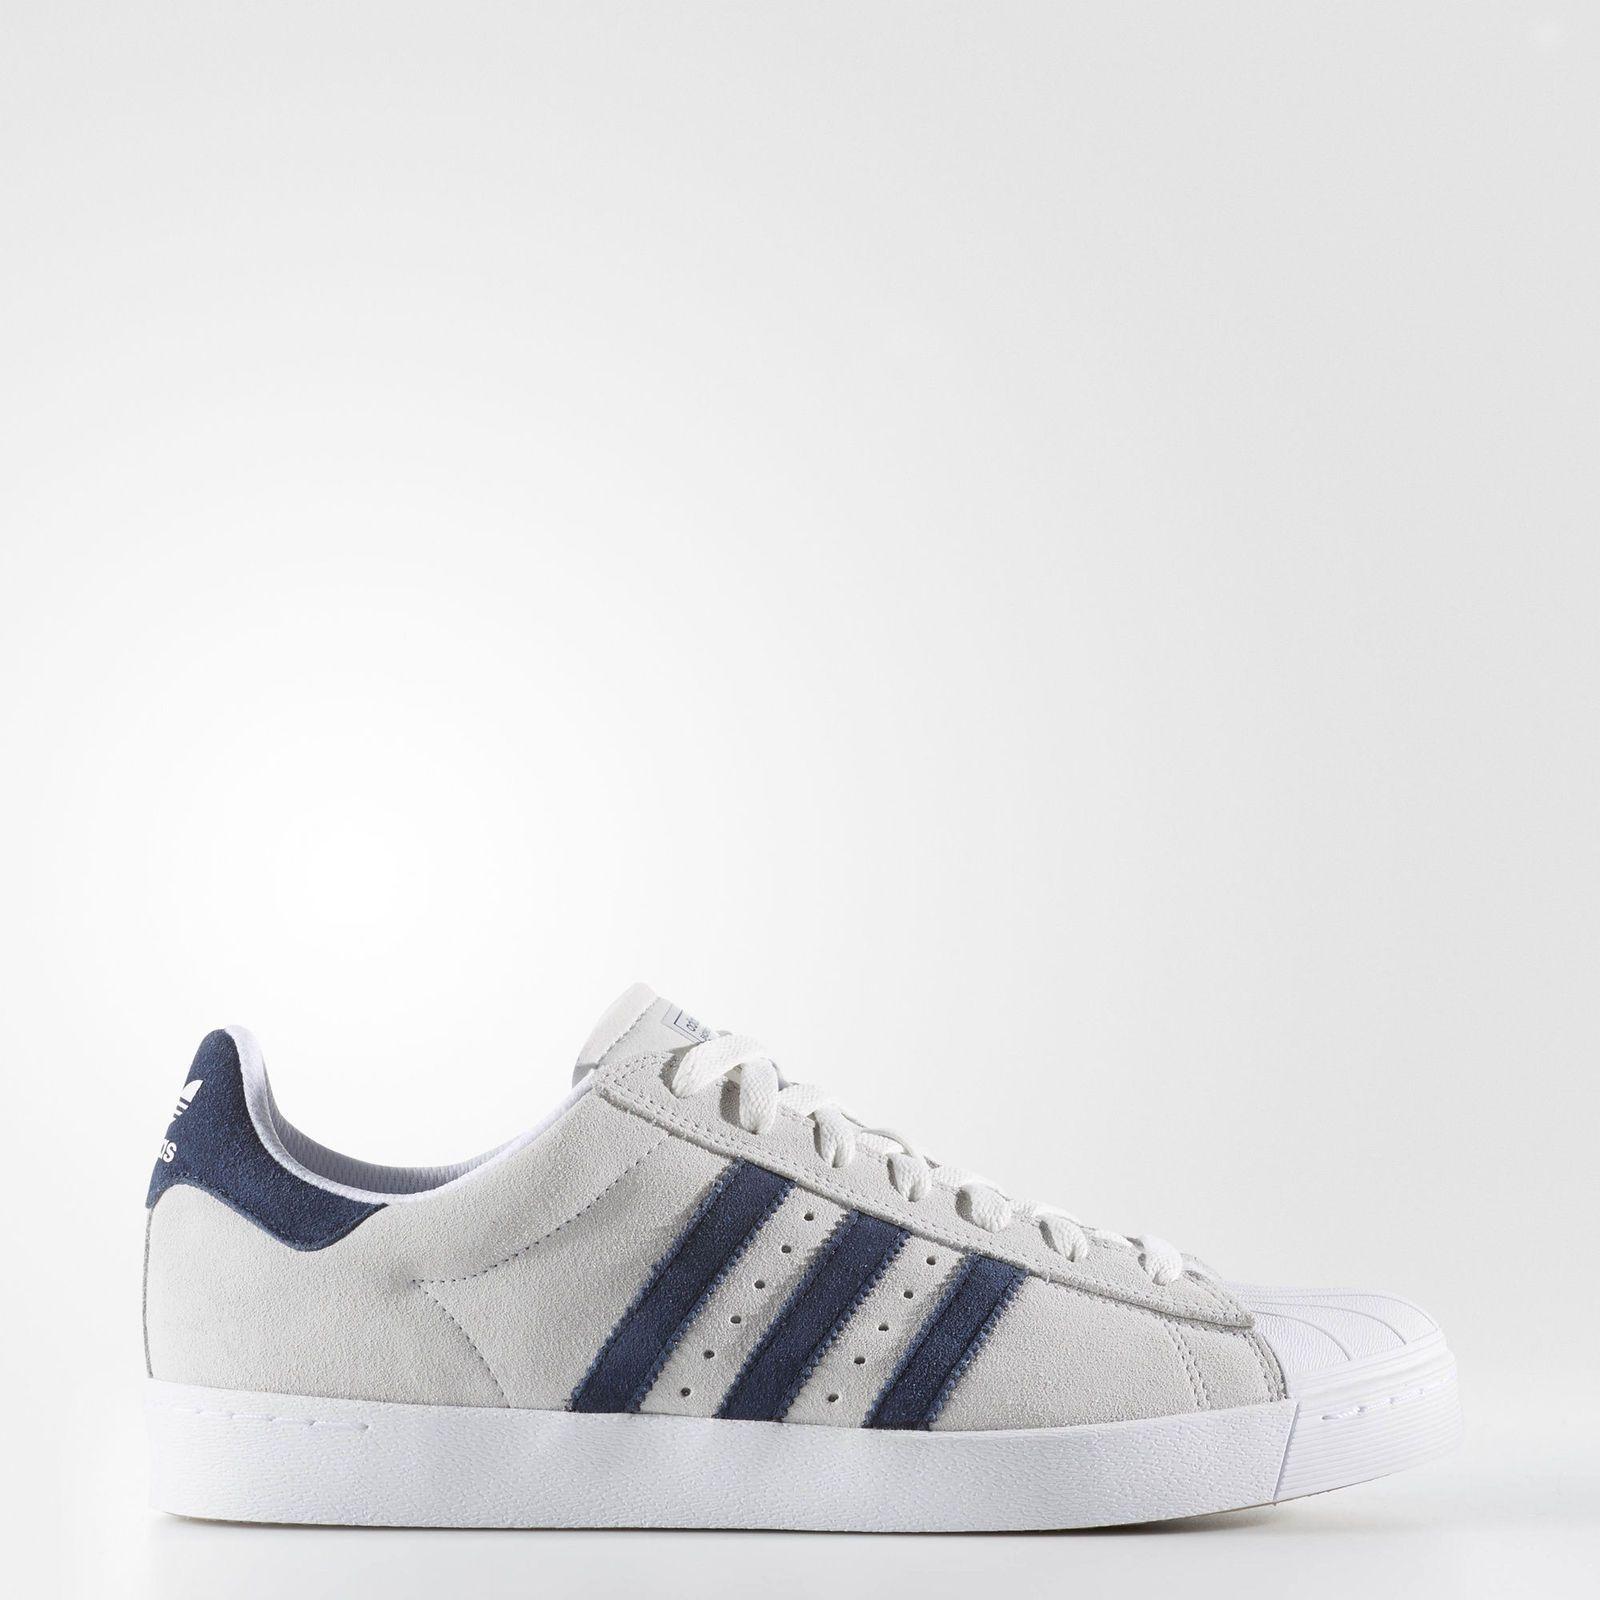 Adidas superstar, uomini te le scarpe uomini superstar, multicolore dealfomo avanzati 0fc998